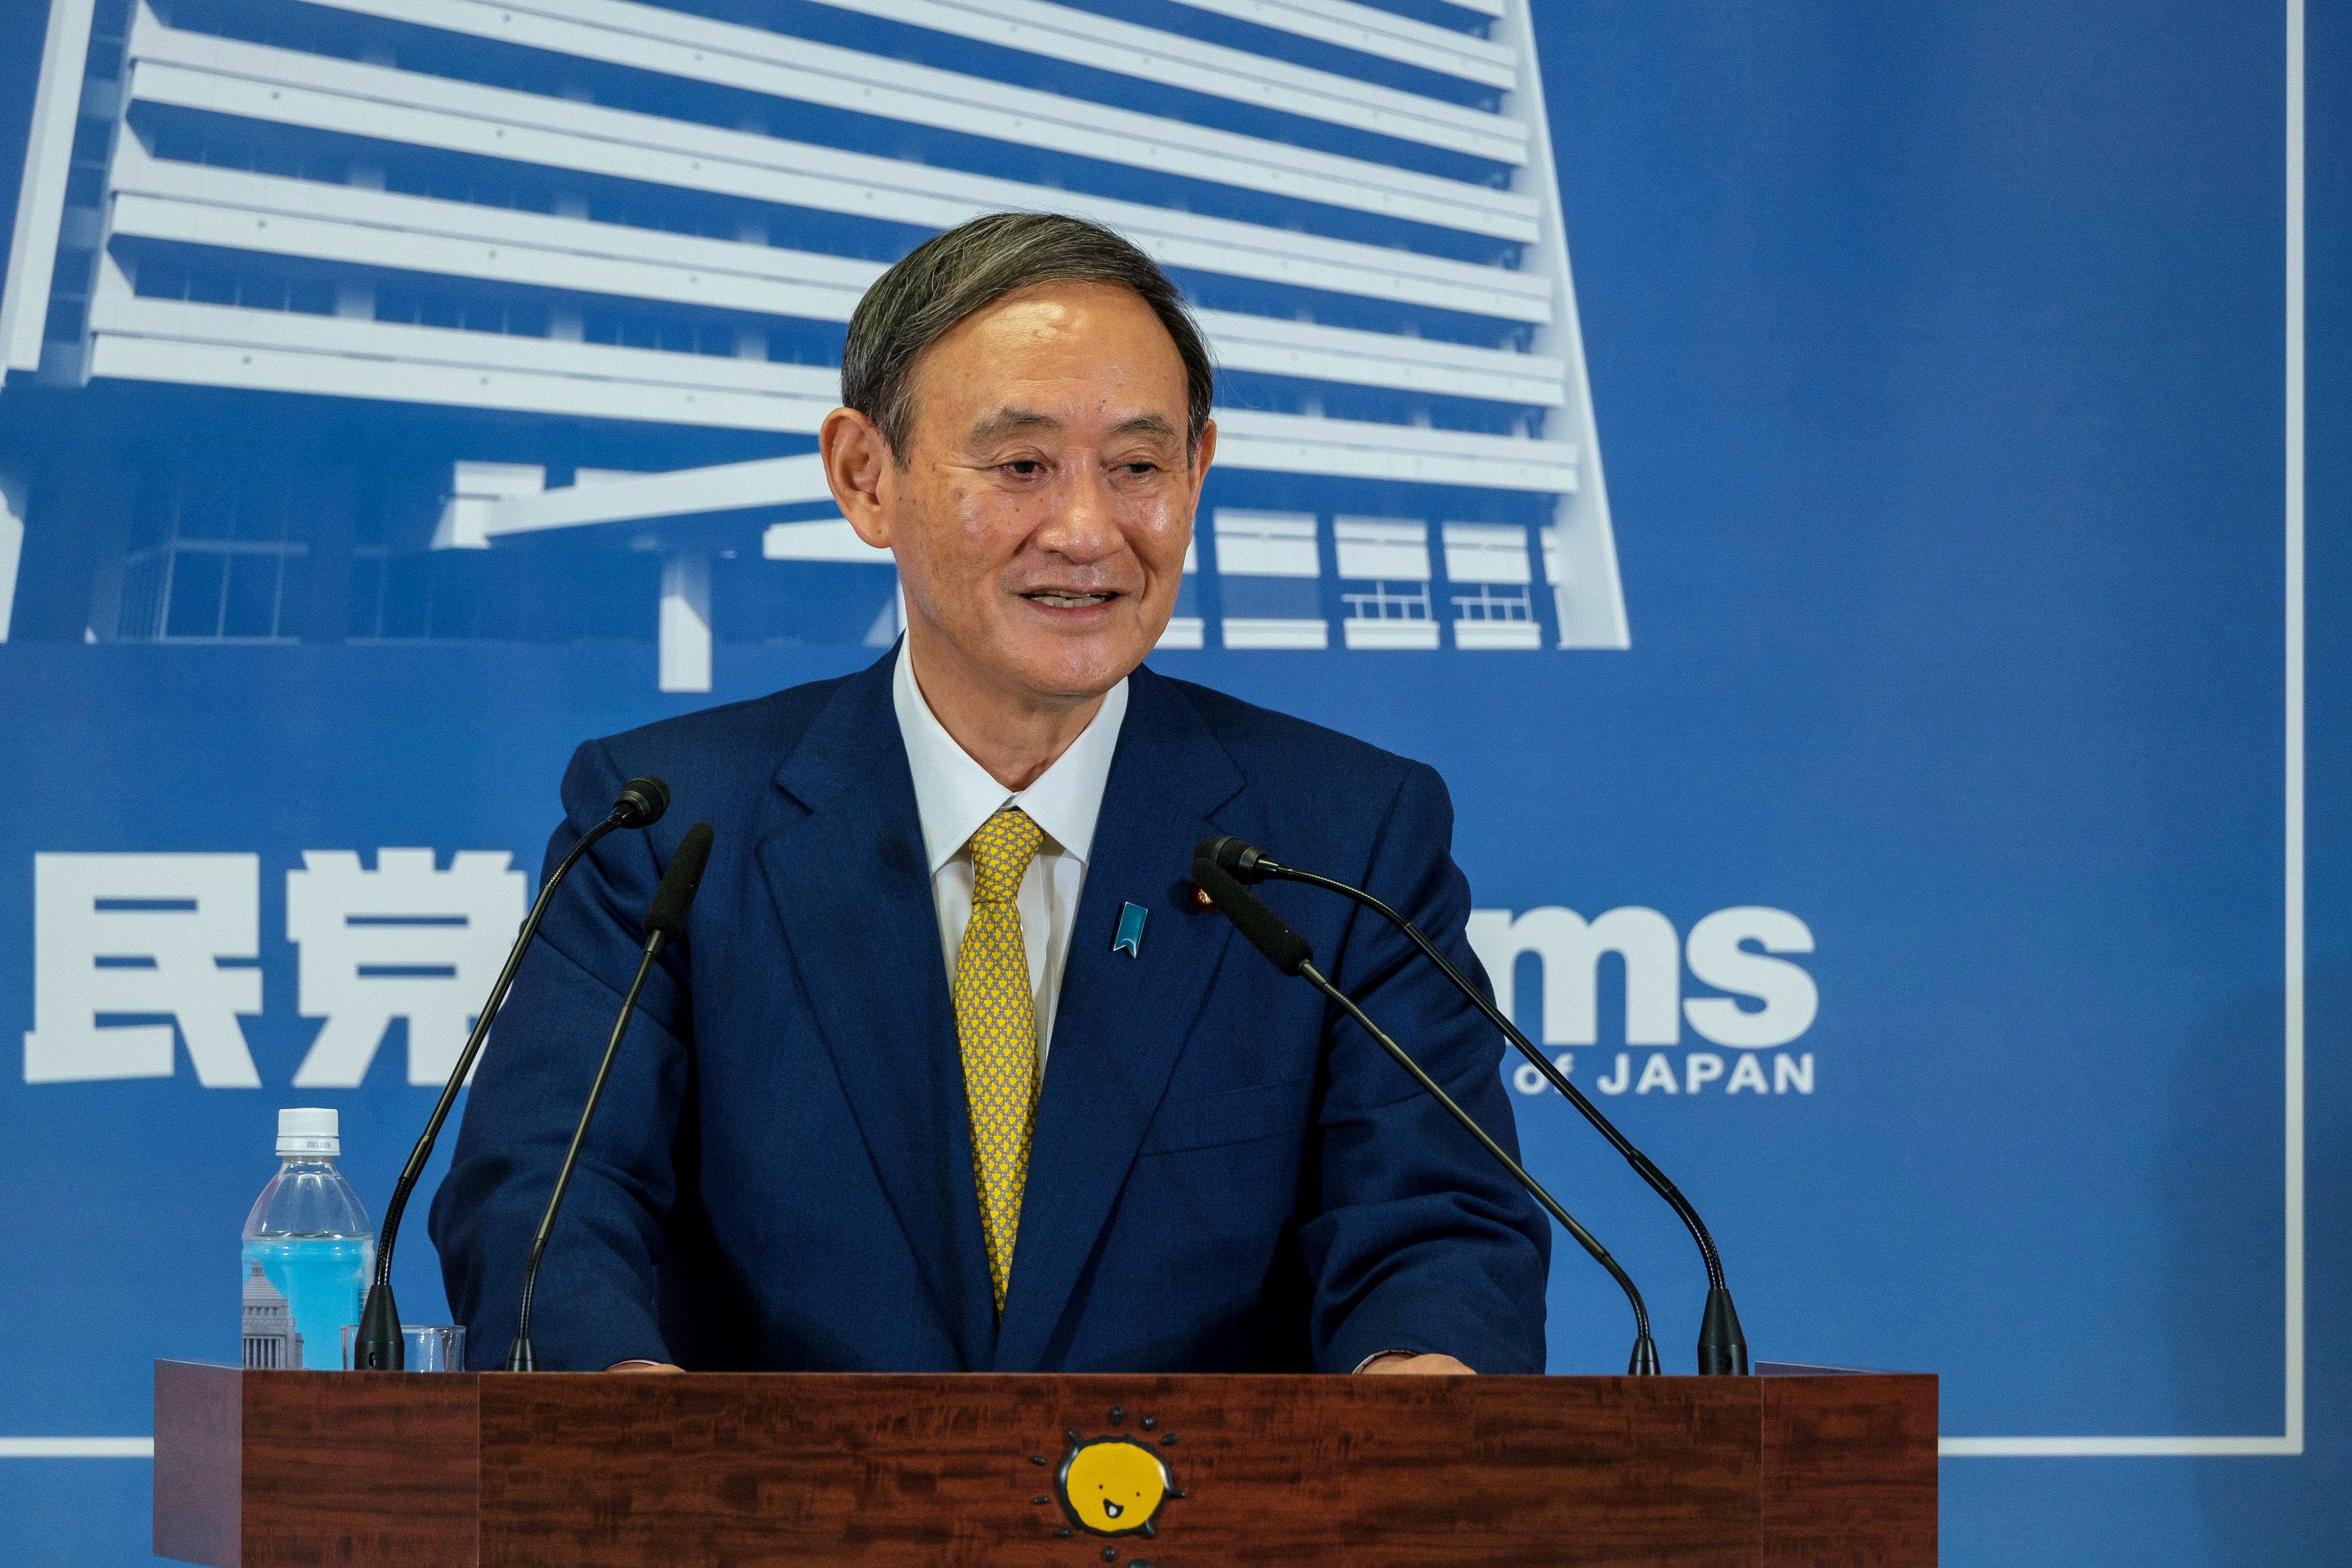 Az eddigi kormányszóvivő vette át a japán kormánypártot, szerdán miniszterelnök lehet belőle